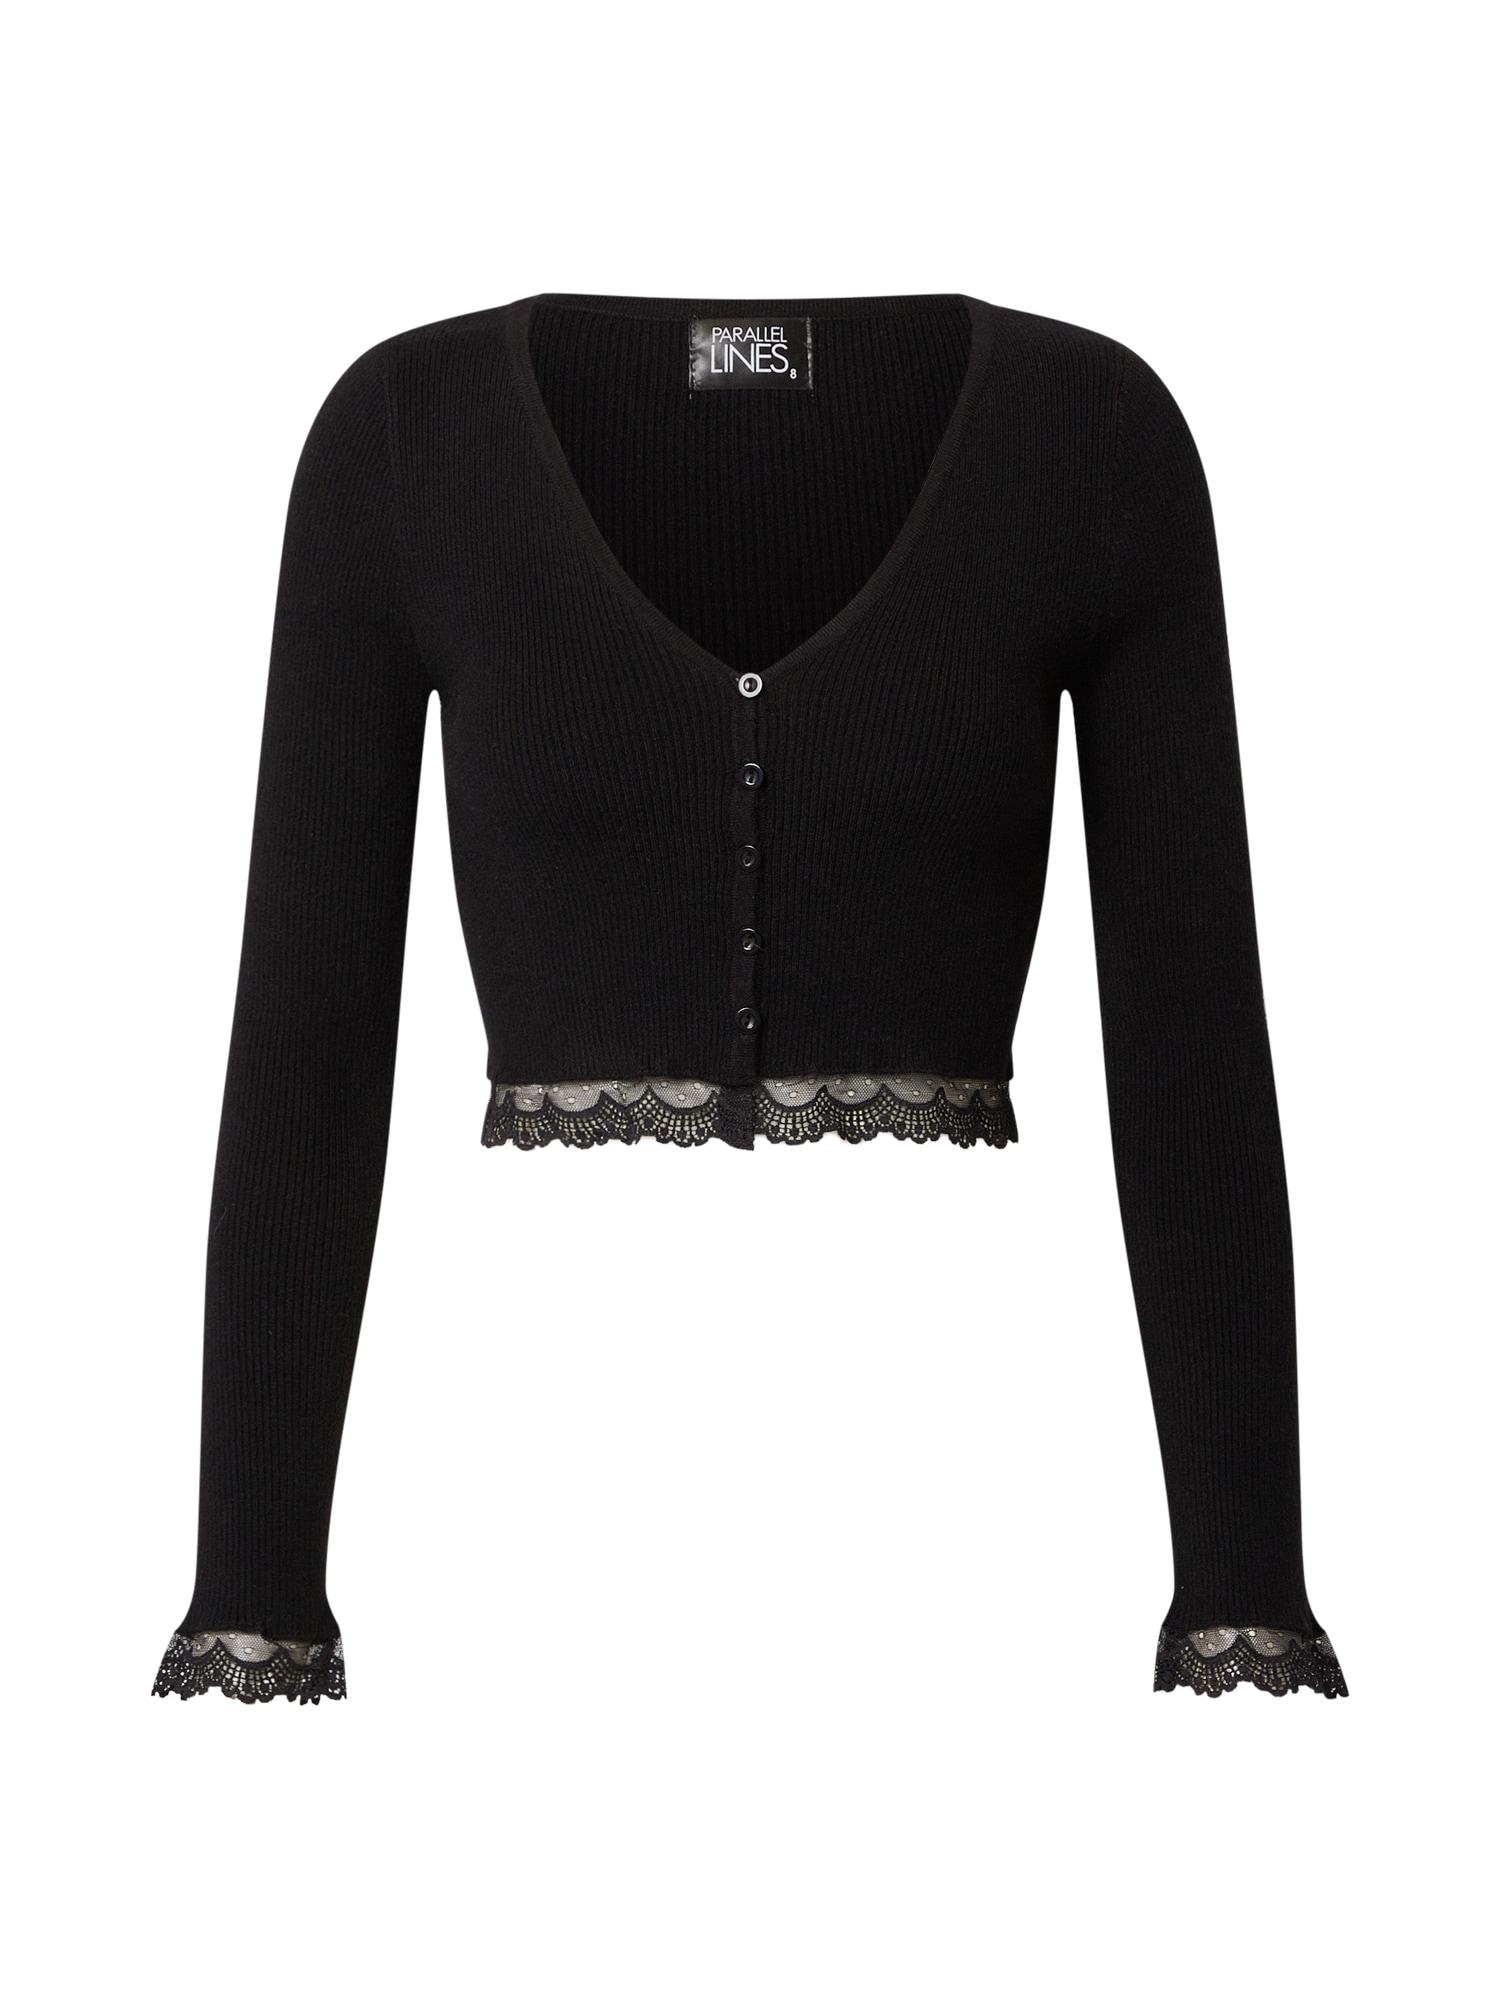 Parallel Lines Marškinėliai juoda